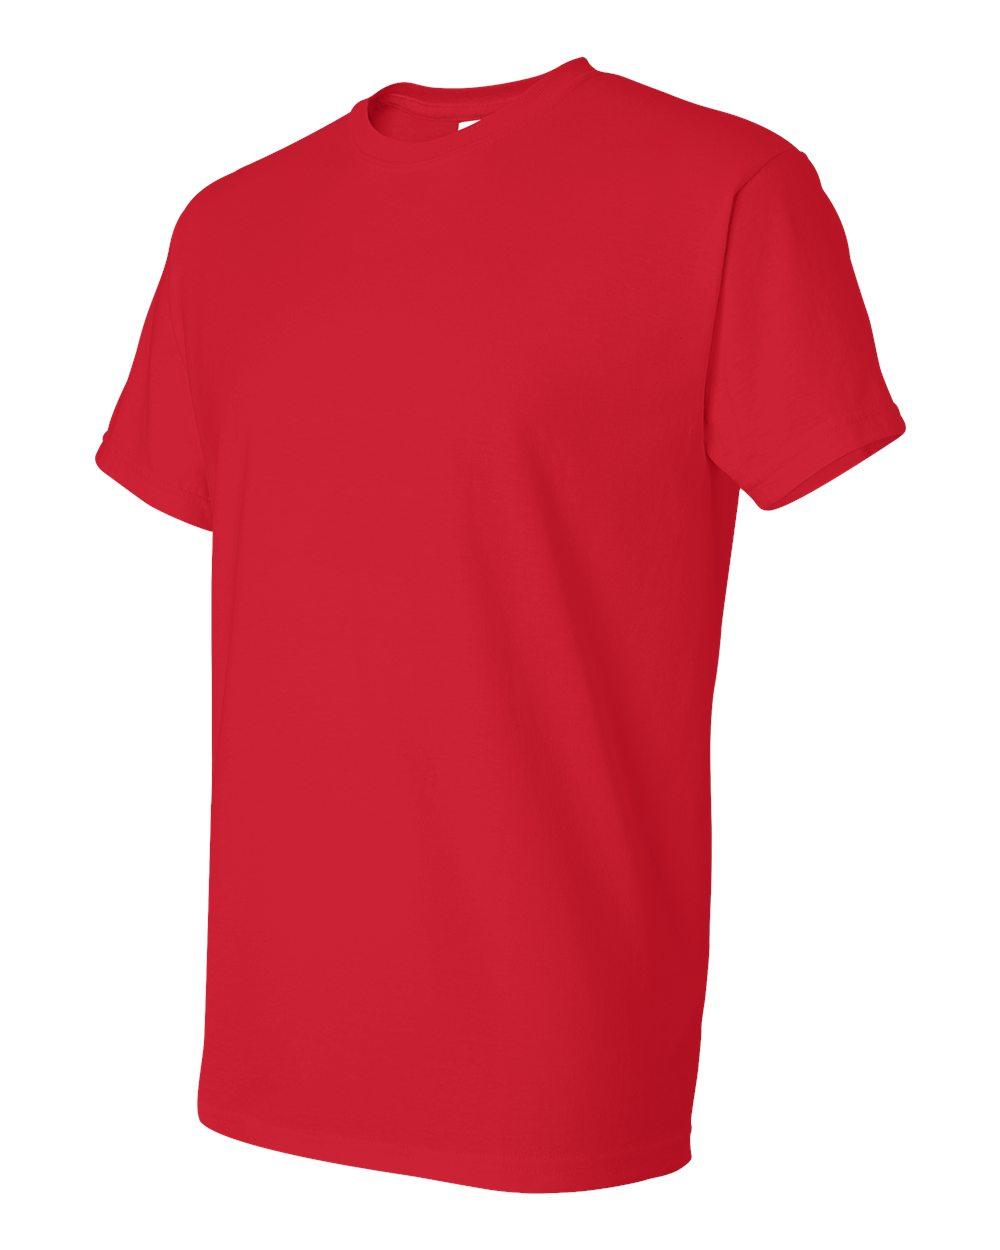 Gildan-Mens-DryBlend-5-6-oz-50-50-T-Shirt-G800-Size-S-5XL thumbnail 71